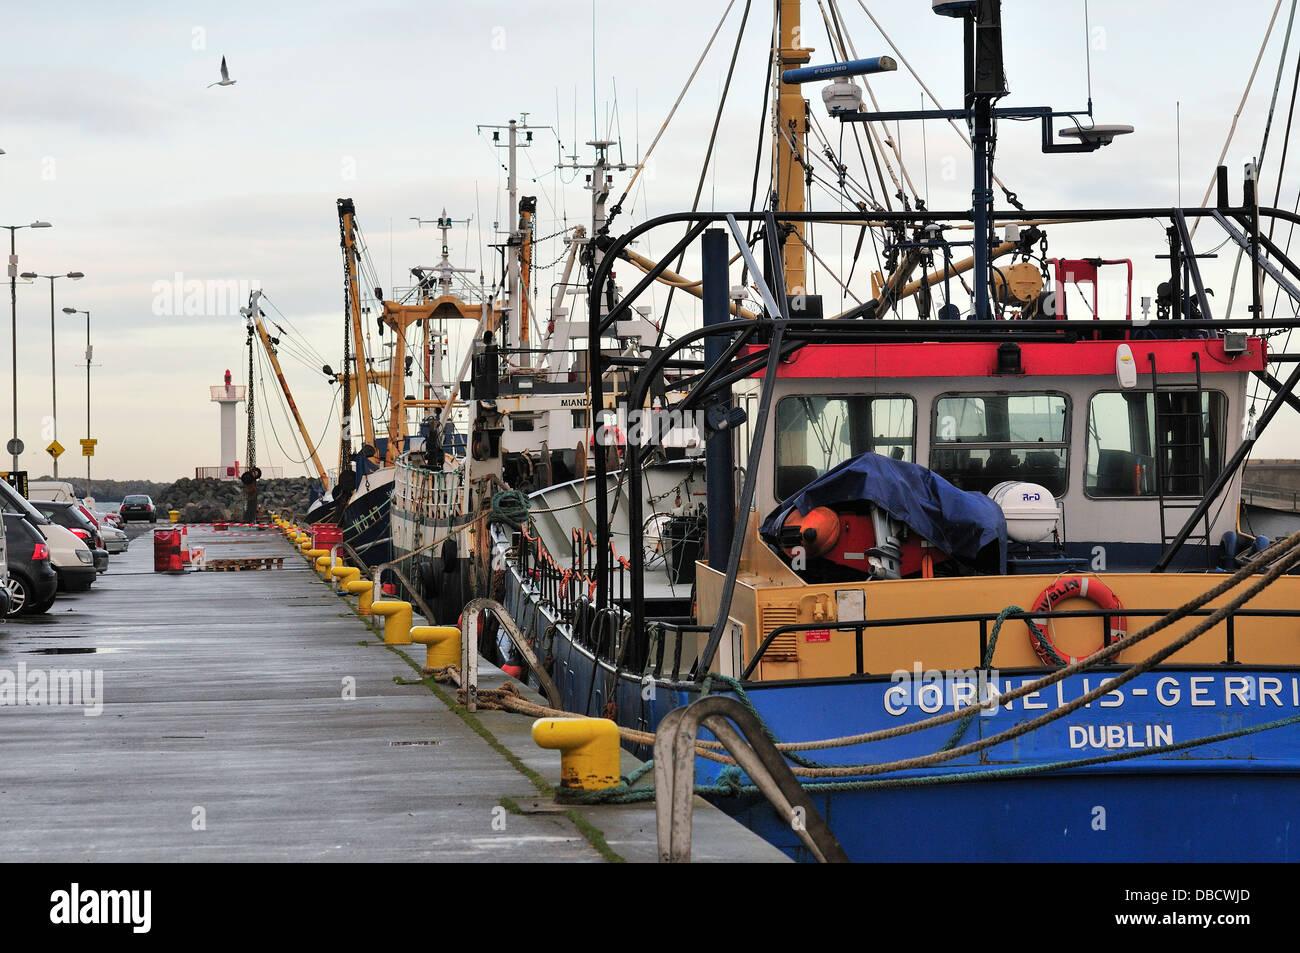 Howth Harbor, la Bahía de Dublín, Irlanda, Europa Foto de stock